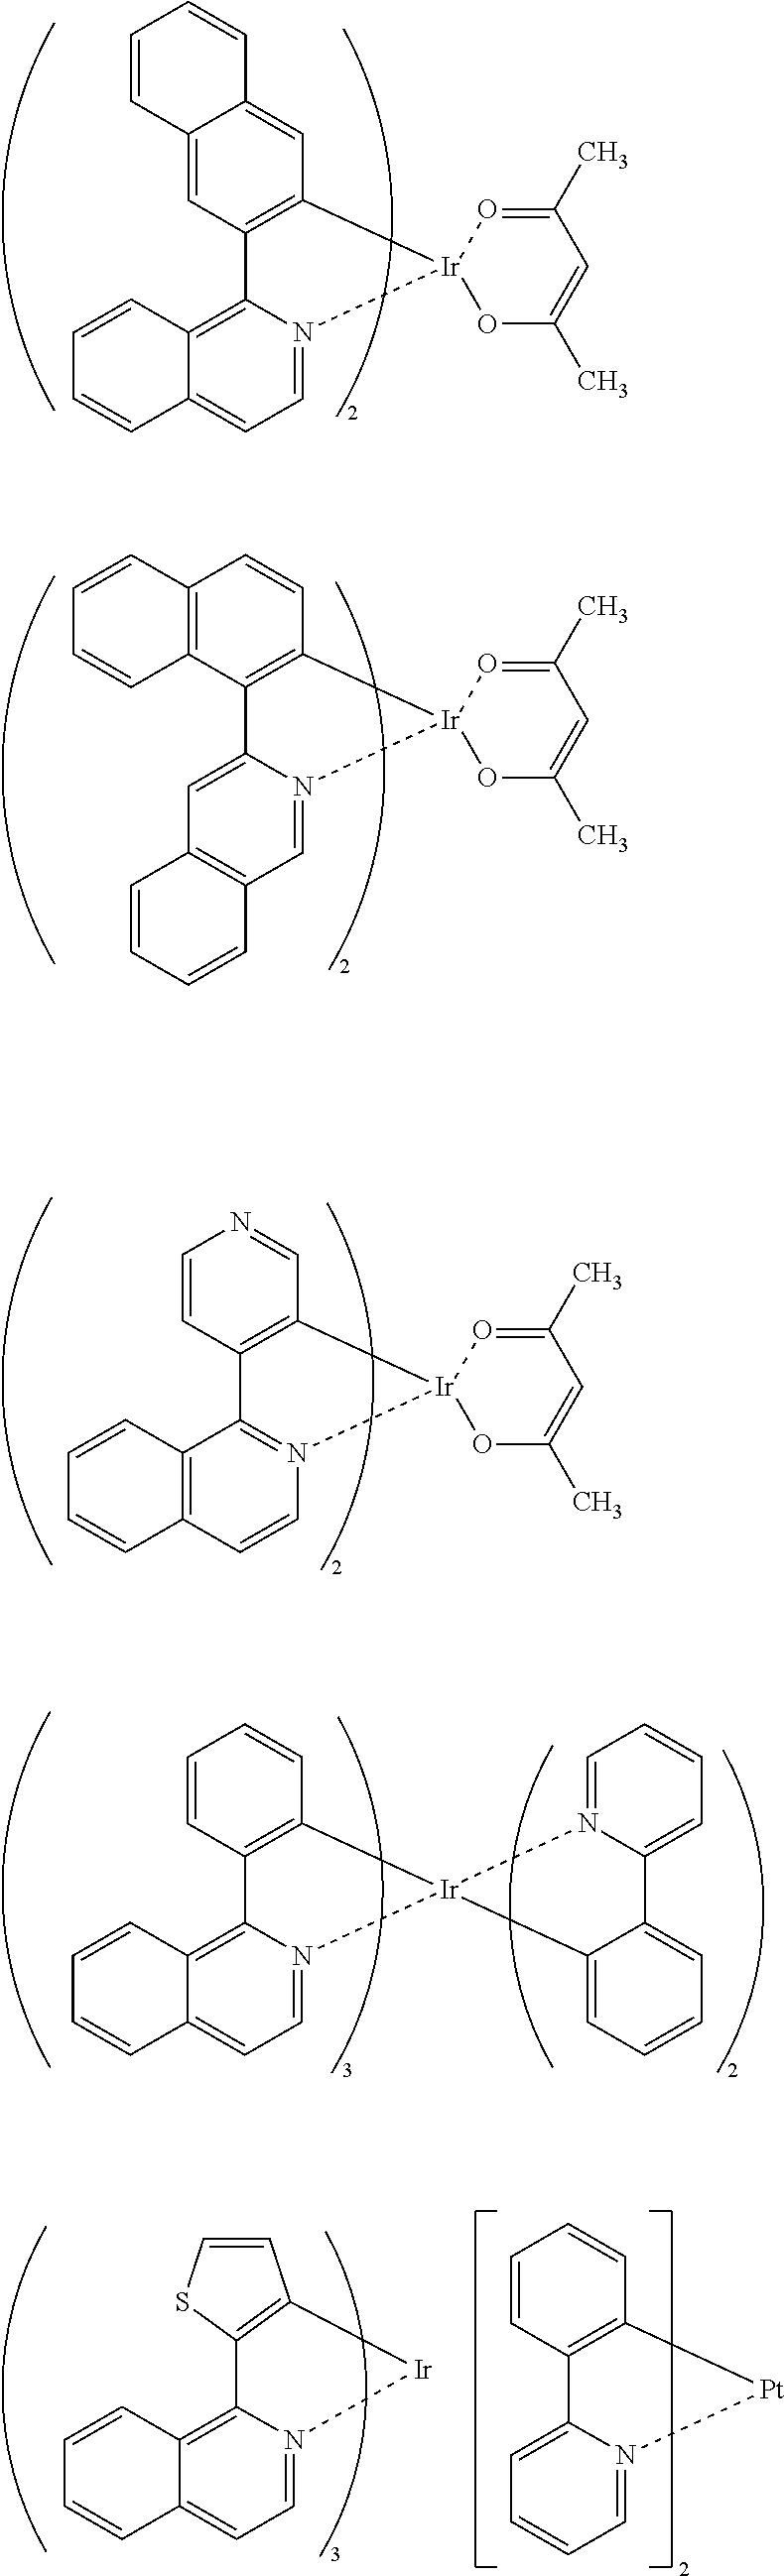 Figure US09837615-20171205-C00094